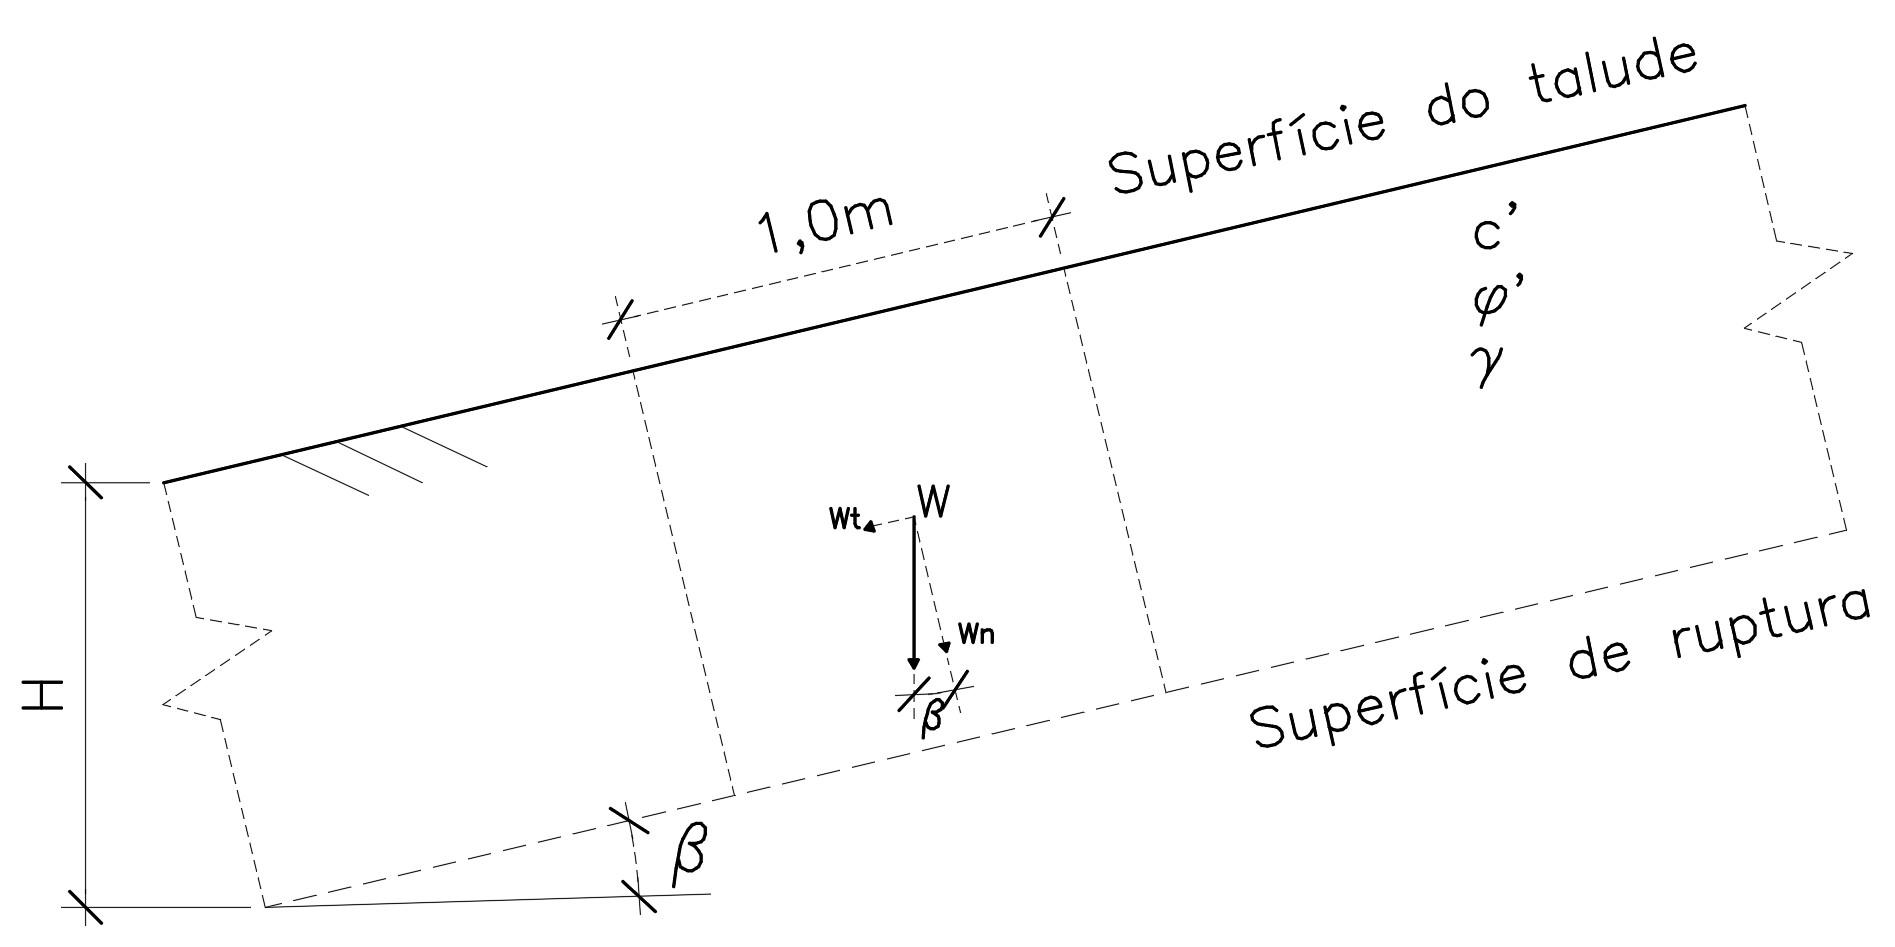 Decomposição de forças em taludes infinitos